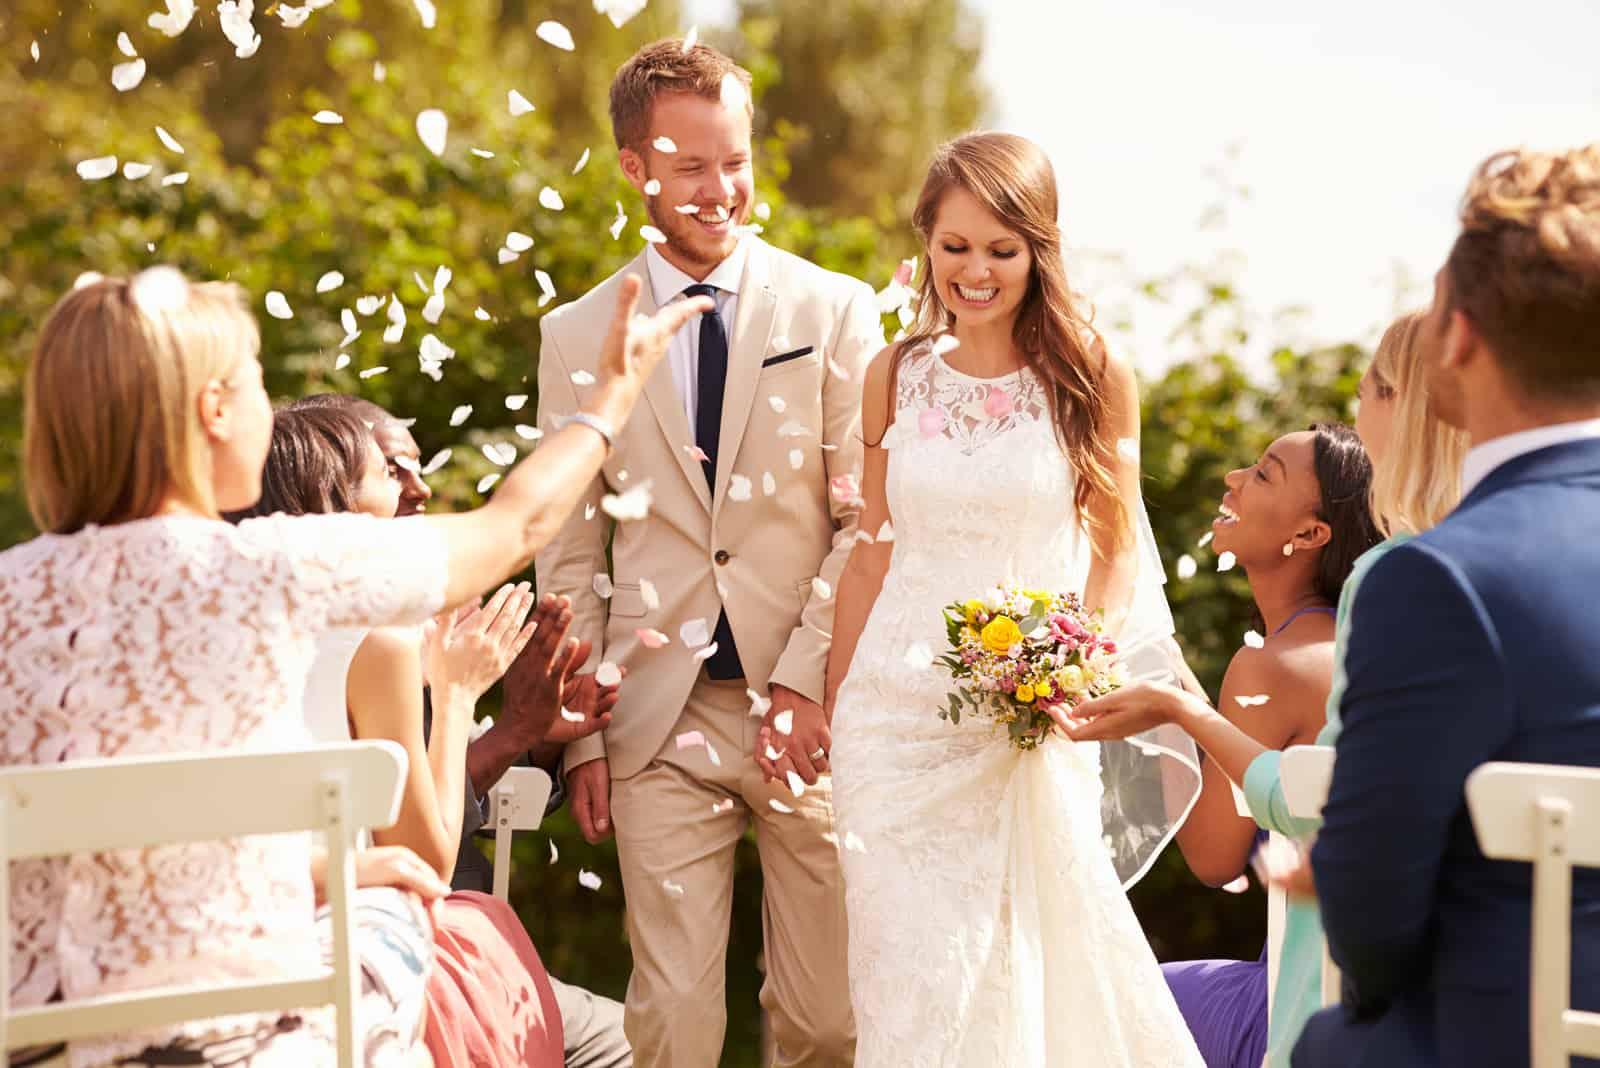 Gäster som kastar konfetti över bruden och brudgummen på bröllopet